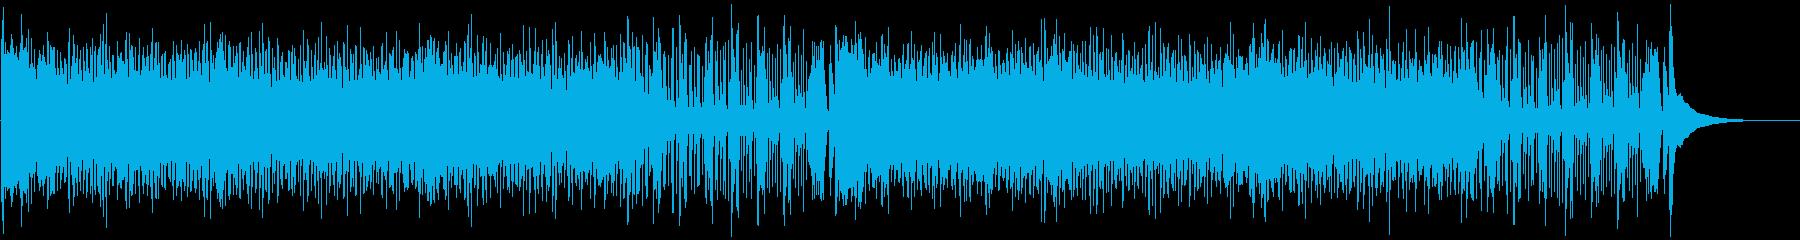 ウクレレとパーカスによる南国風の陽気な曲の再生済みの波形